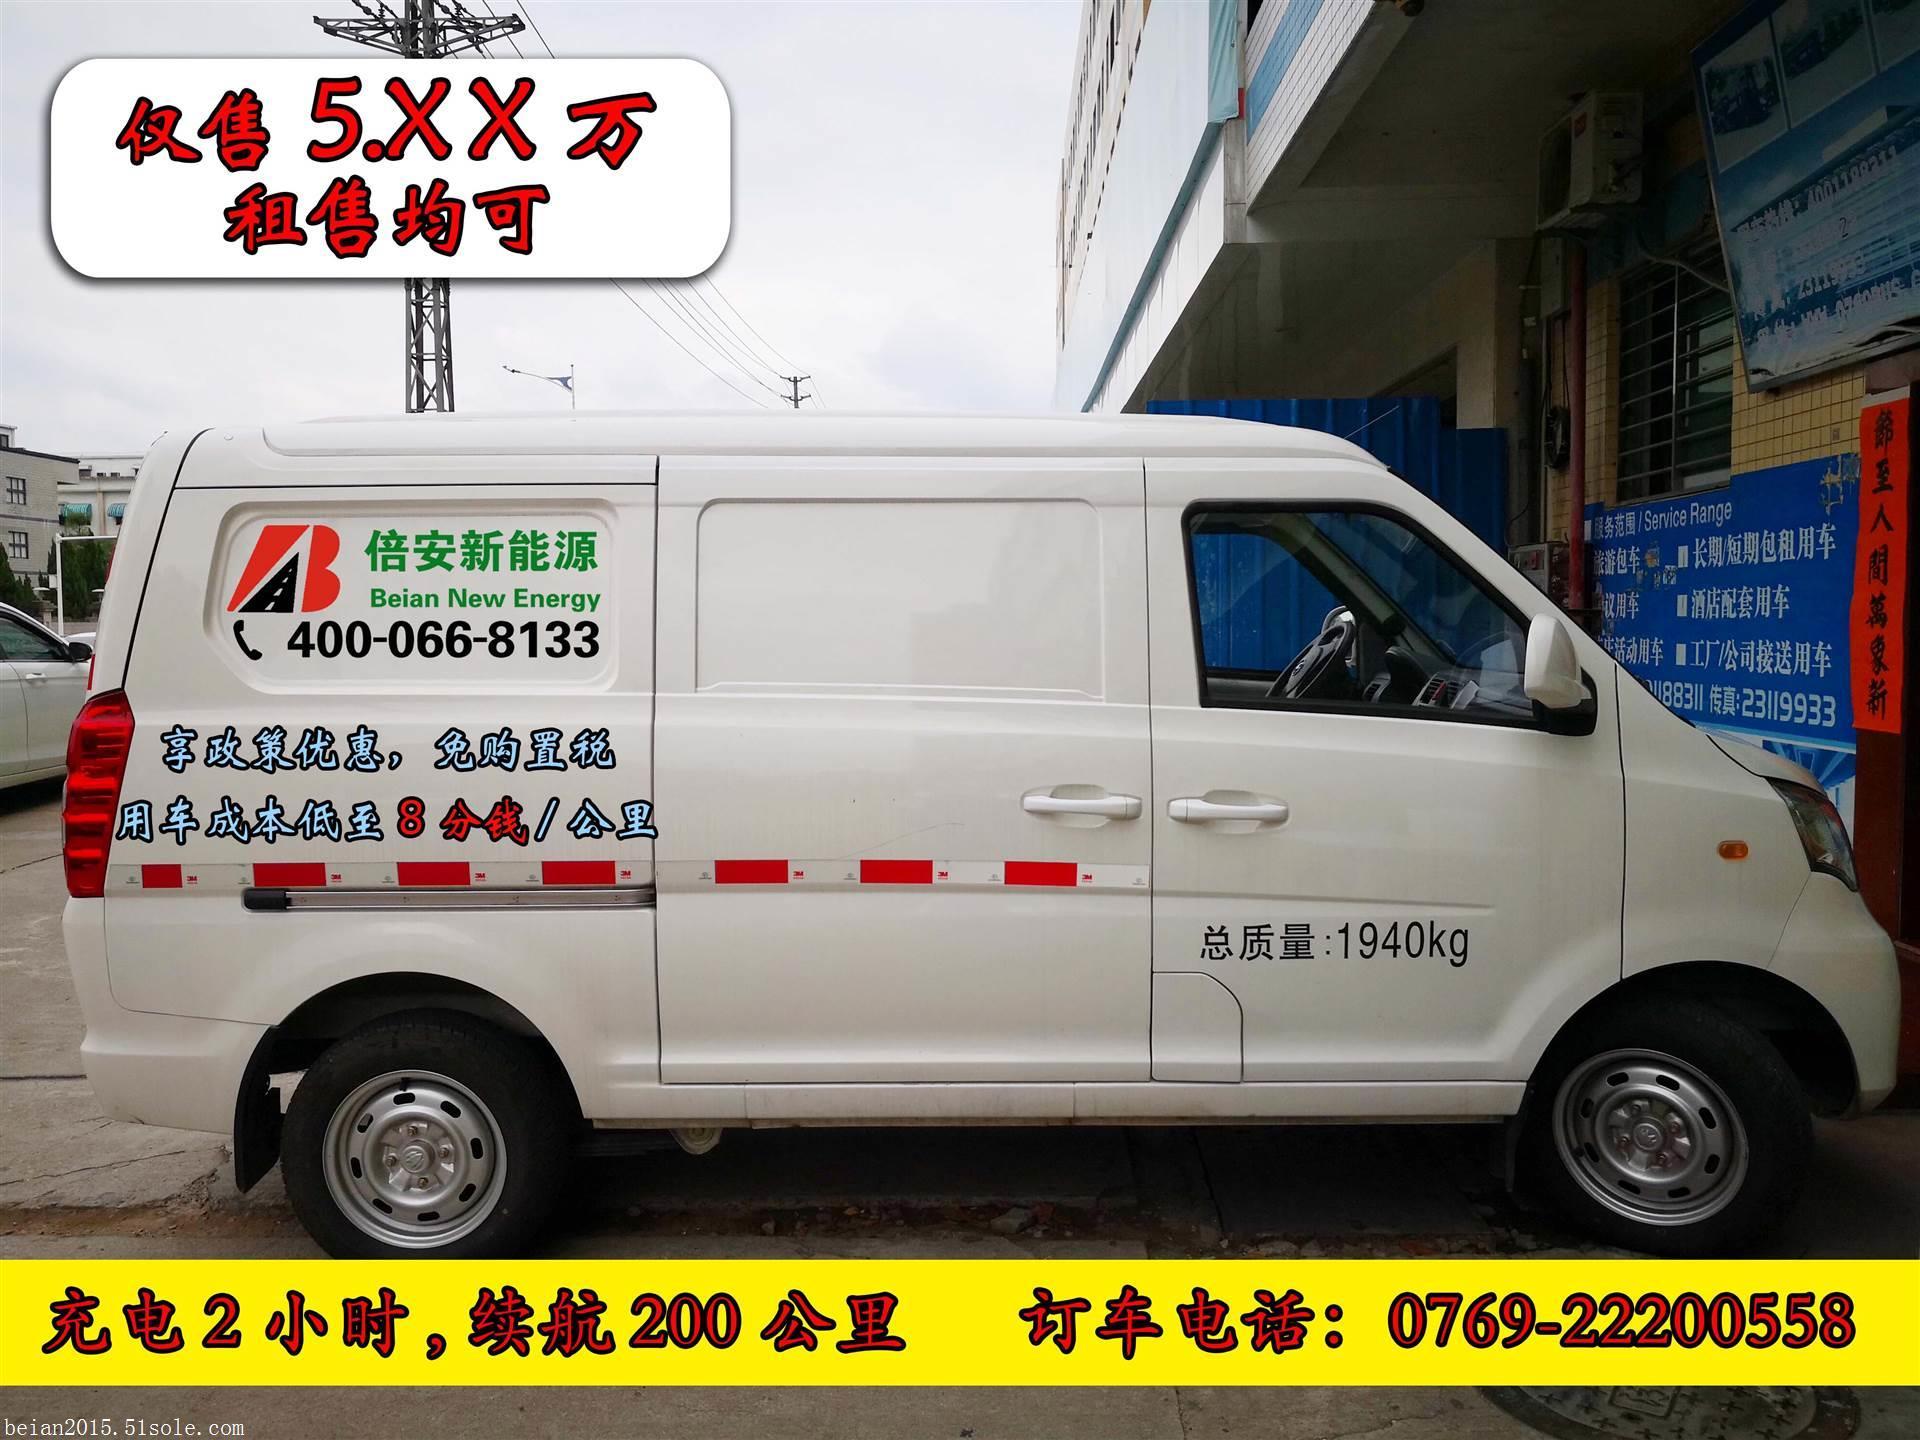 新能源电动货车租赁,广东倍安新能源货车出租